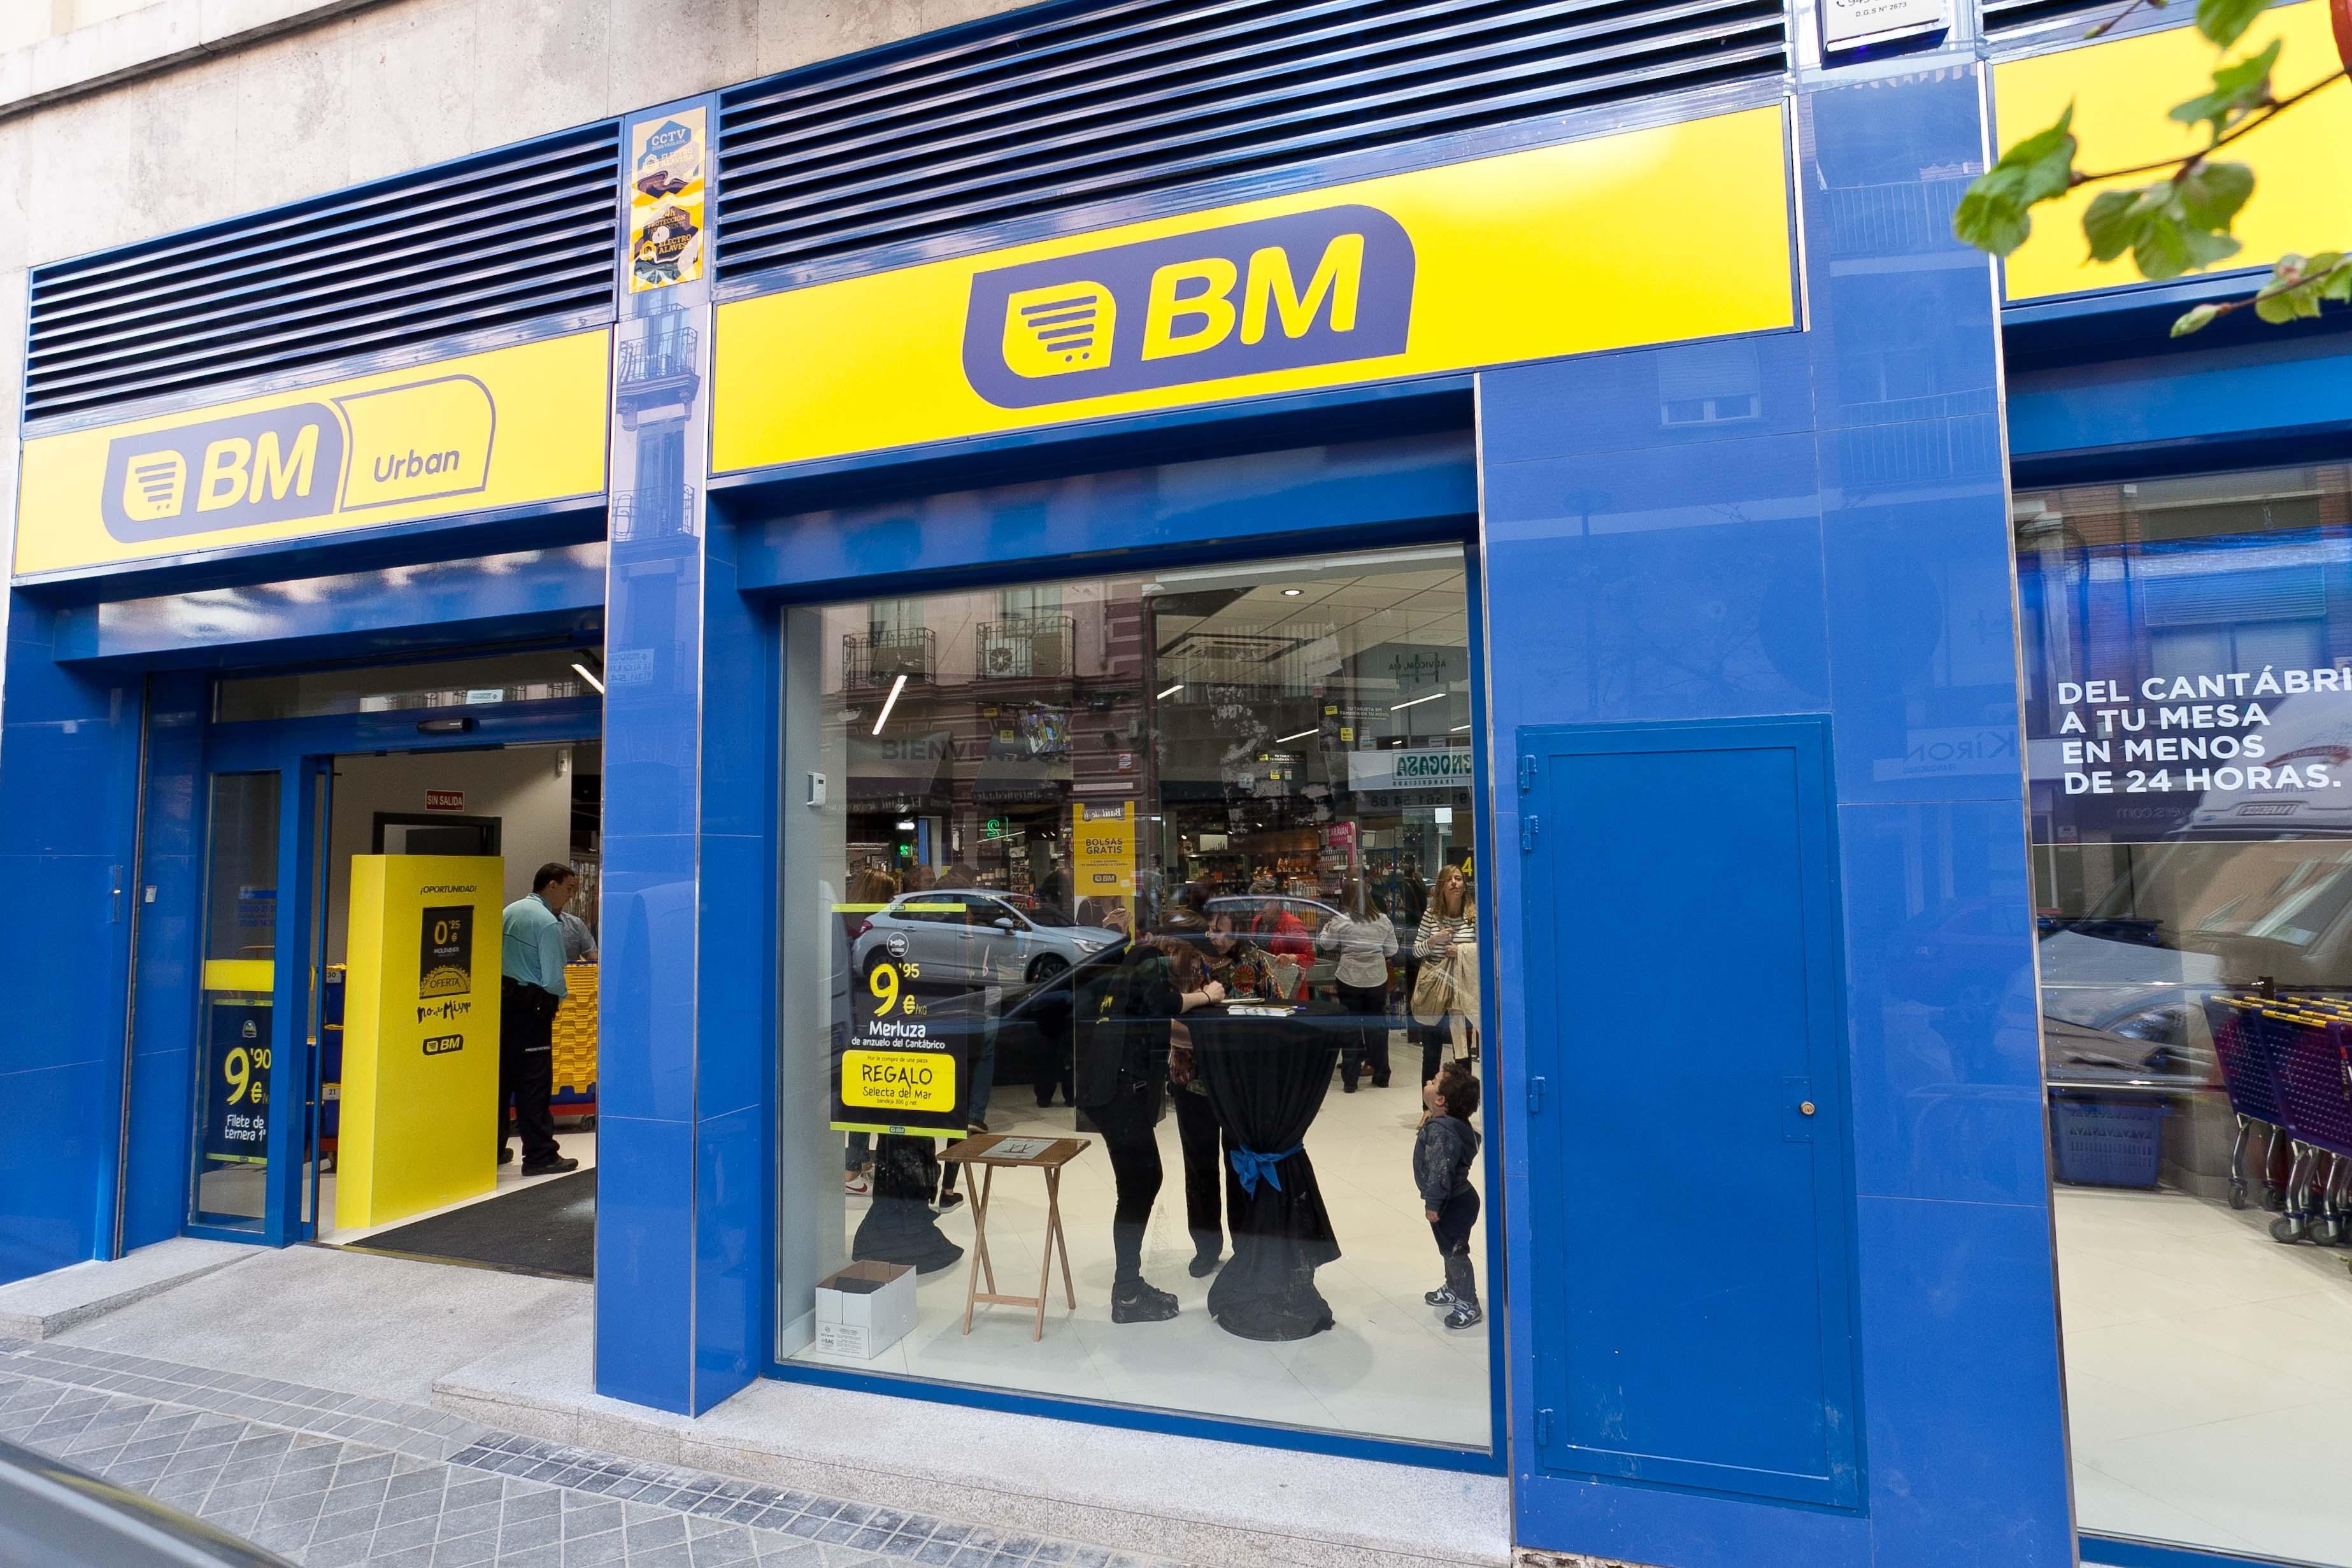 Economía: BM Supermercados apuesta por Majadahonda, Pozuelo, Boadilla, Hoyo de Manzanares y la subida inmobiliaria se desacelera (Pisos.com)